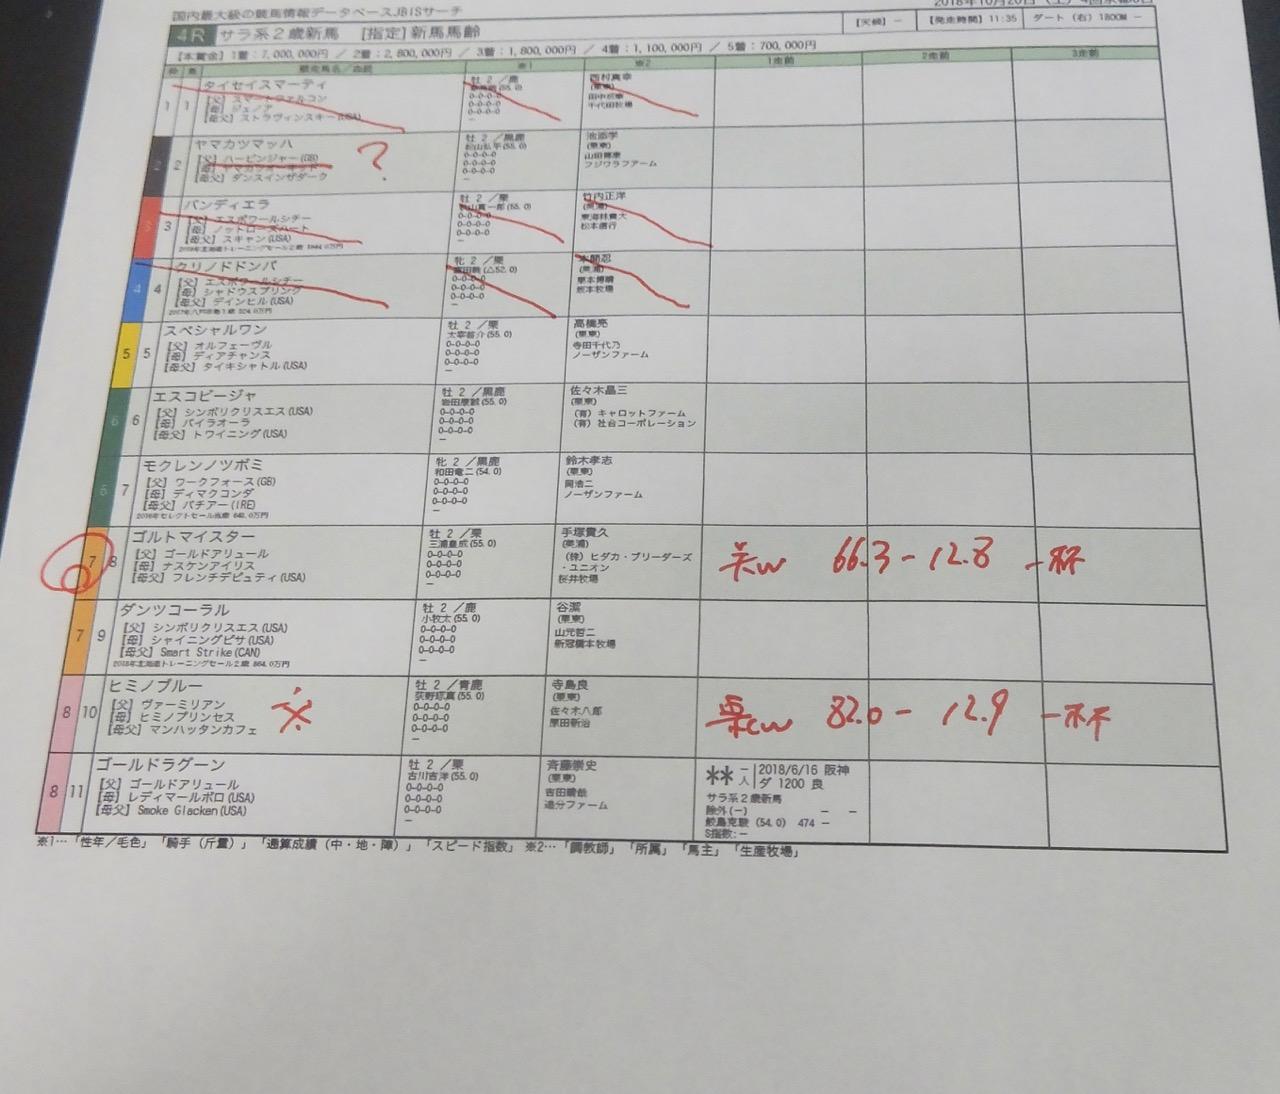 京都4レース、2歳新馬戦(ダート1800m)競馬予想。馬券本命、ゴールドアリュール産駒ゴルトマイスター(三浦皇成騎手、手塚貴久厩舎)2018.10.20